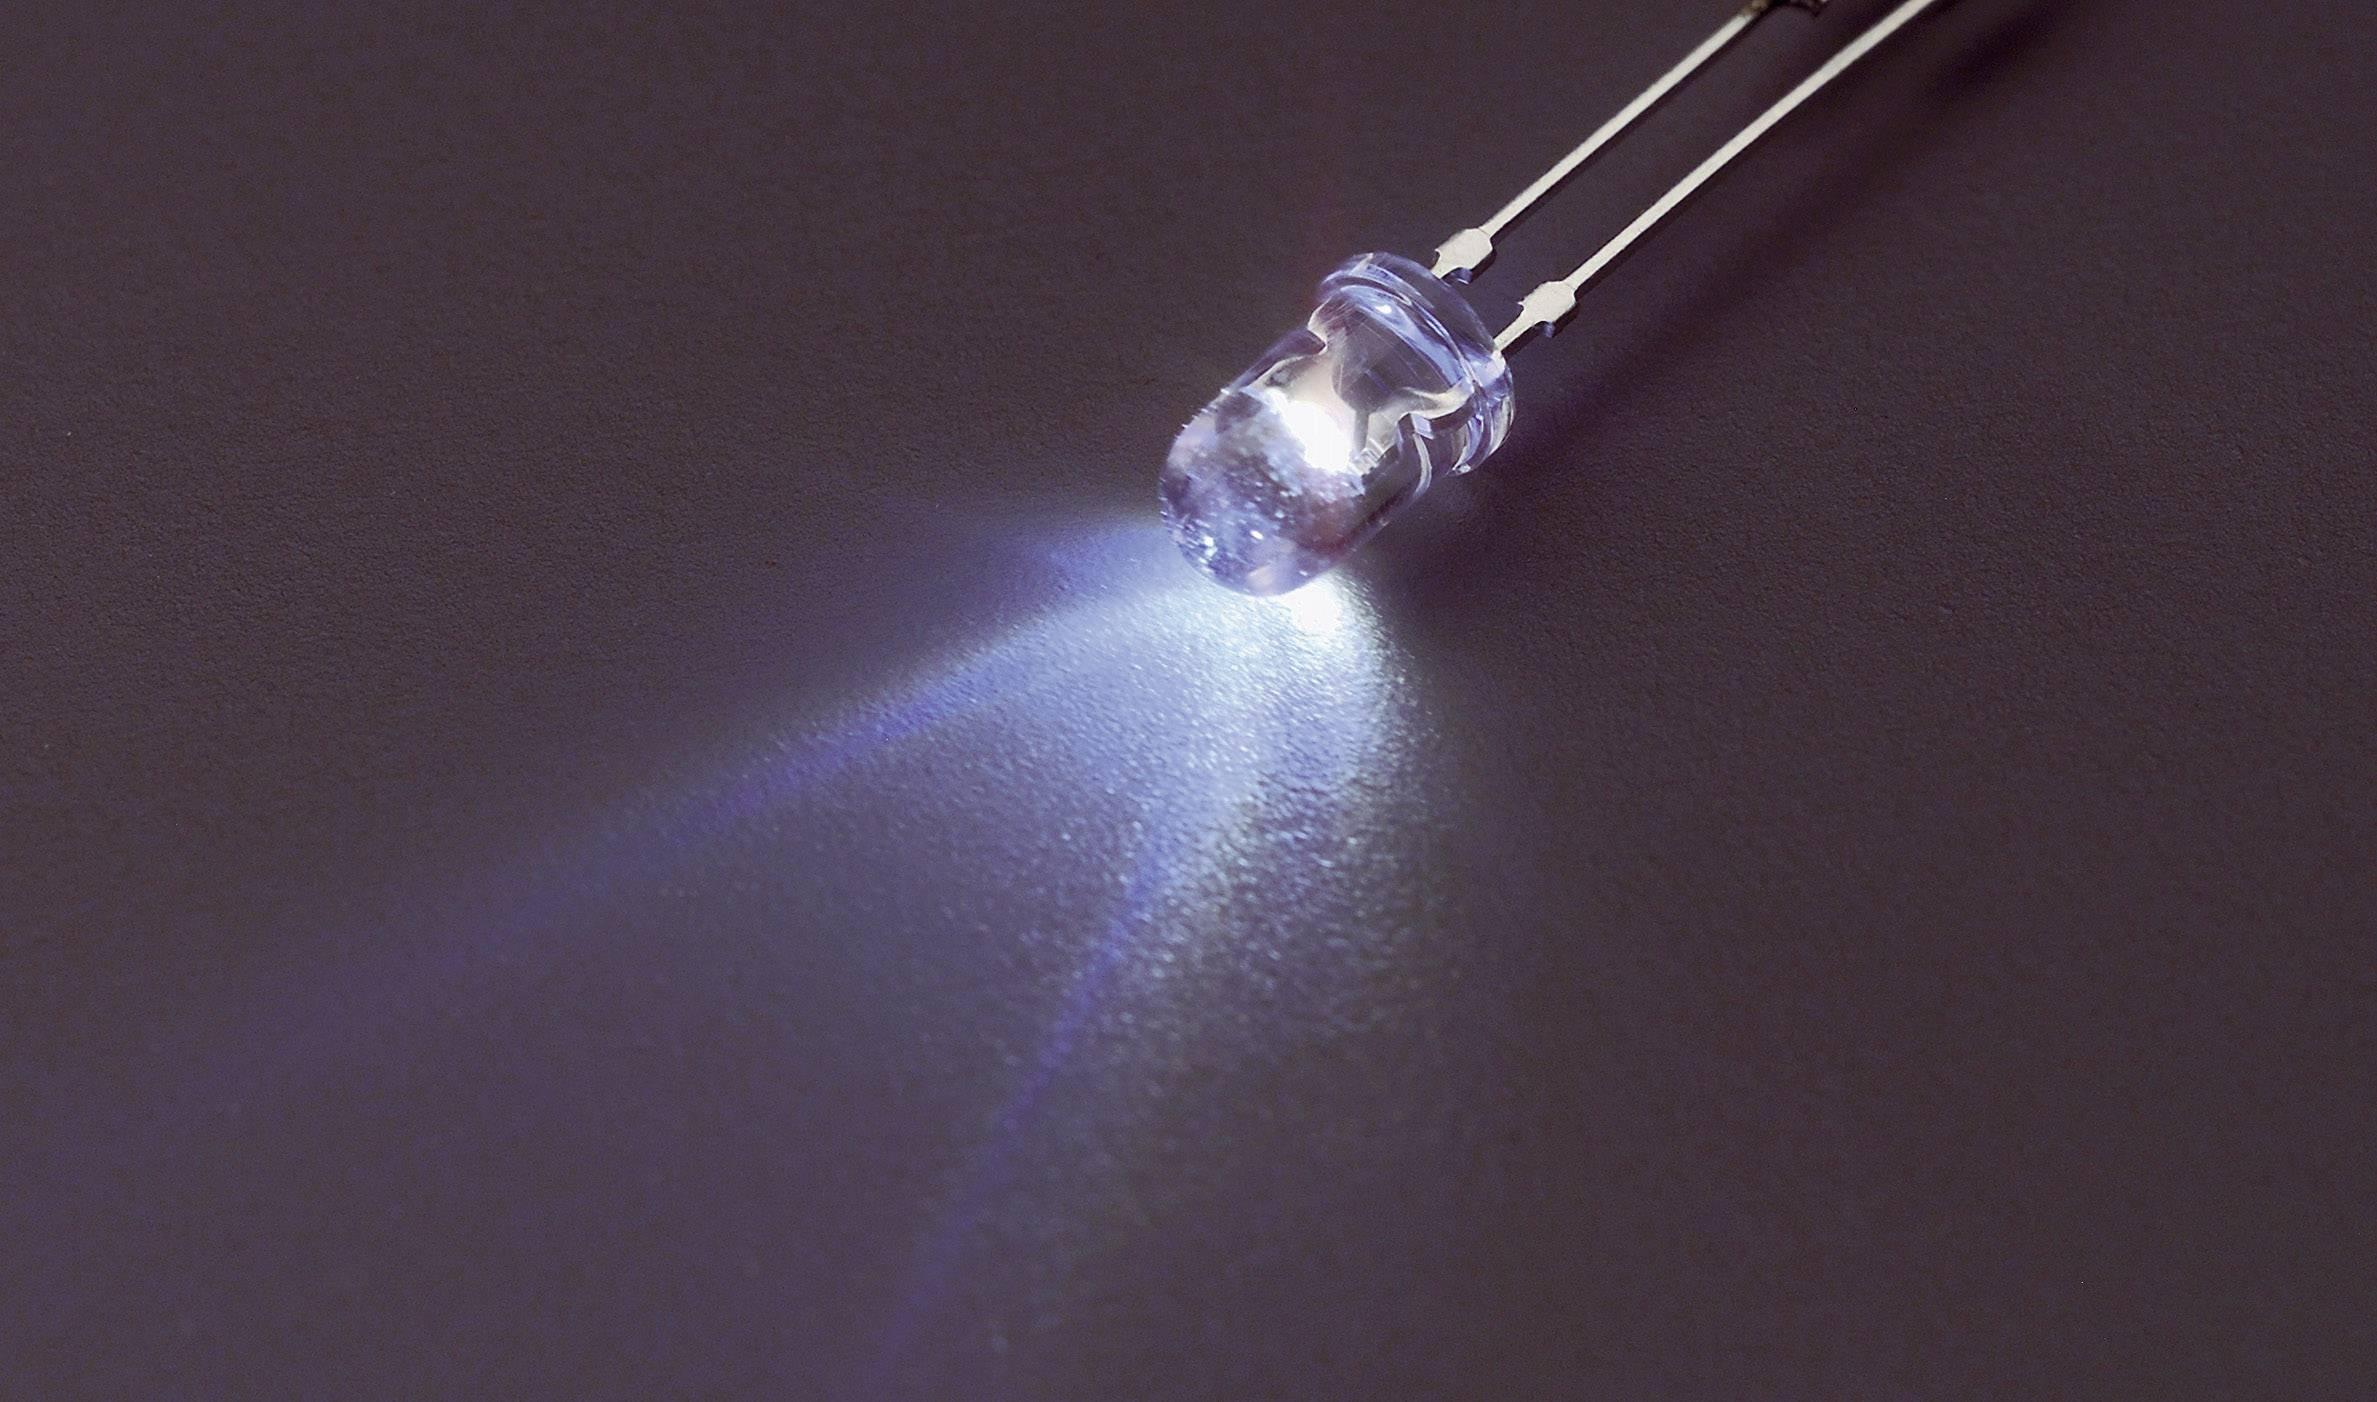 LEDsvývodmi Nichia guľatý, 5 mm, 15 °, 20 mA, 22000 mcd, 3.6 V, biela